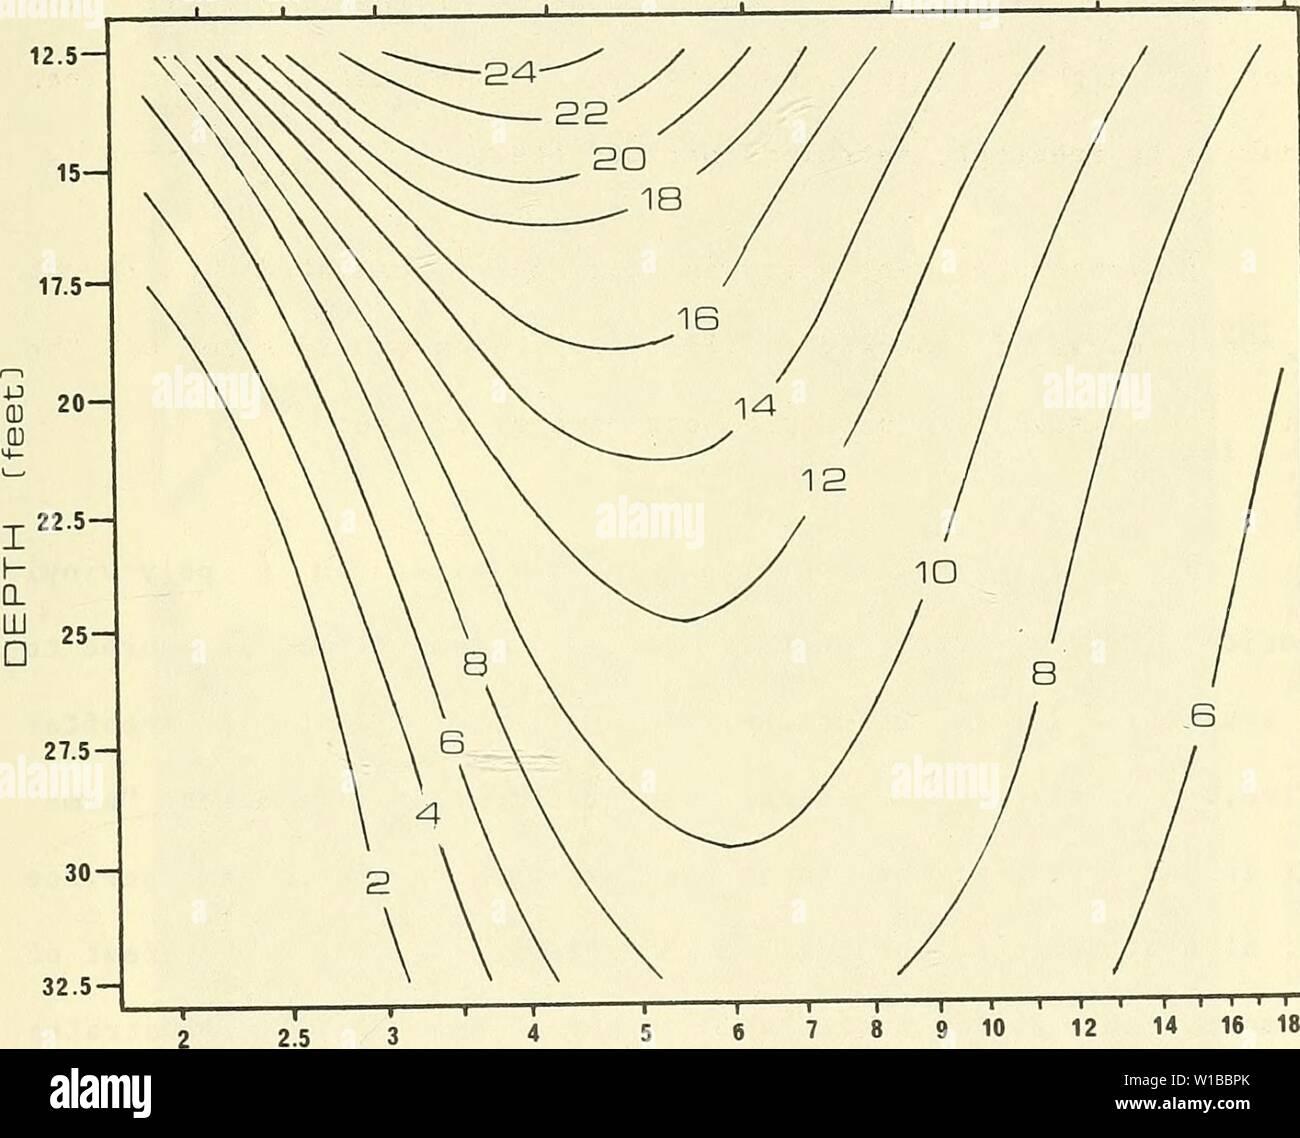 Archivio immagine dalla pagina 36 della progettazione, sviluppo e valutazione. La progettazione, lo sviluppo e la valutazione di un misuratore di pressione differenziale onda direzionale monitor . designdevelopmen00bodg Anno: 1982 19 frequenza [rad/sec] 3,0 2,5 2,0 1,5 1,0 0,75 0,5 0,35 4 5 periodo [vede] figura II-6: la pressione differenziale di risposta con profondità dell'acqua e frequenza. I contorni sono linee di uguale dP risposta normalizzata dalla capacità nominale dello strumento (l.Opsid). (I sensori sono 3,875 piedi dal fondo marino; differenial gage lunghezza - 4 piedi lungo raggio d'onda; altezza onda = 5 piedi). Immagini Stock